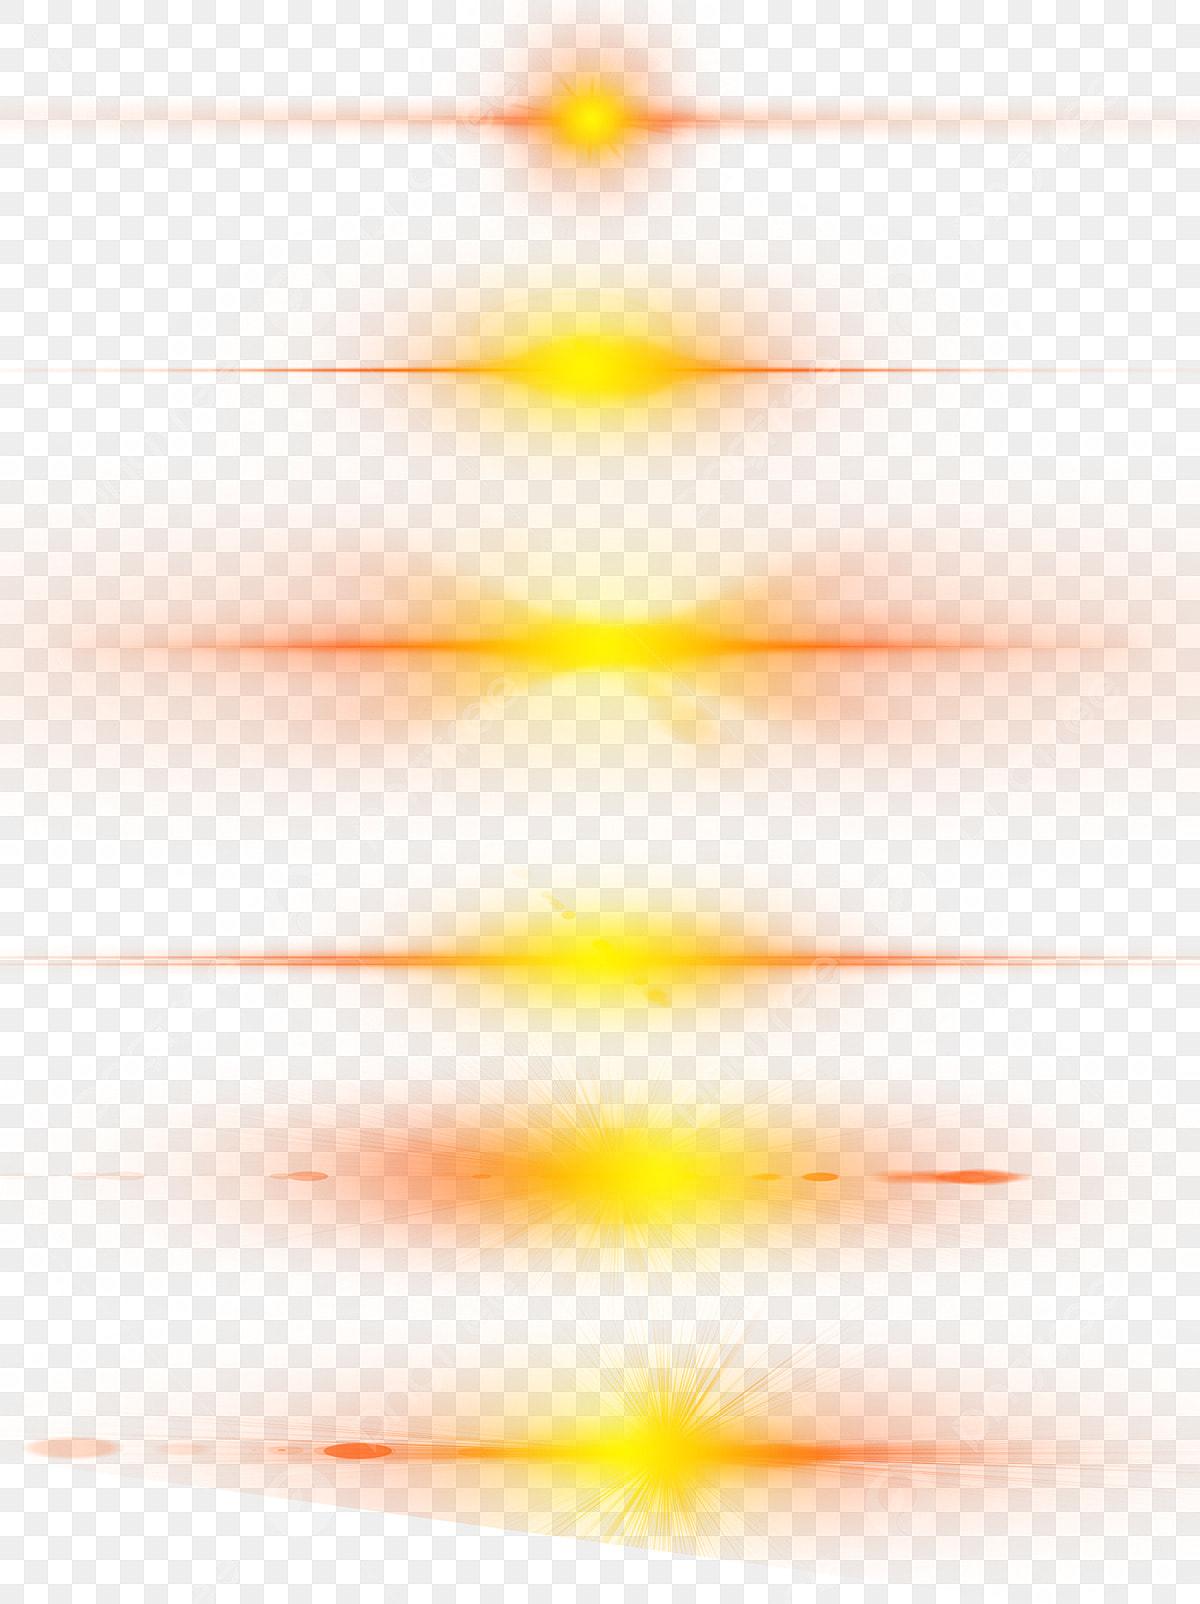 la simplicit u00e9 de la lumi u00e8re jaune des motifs d u00e9coratifs